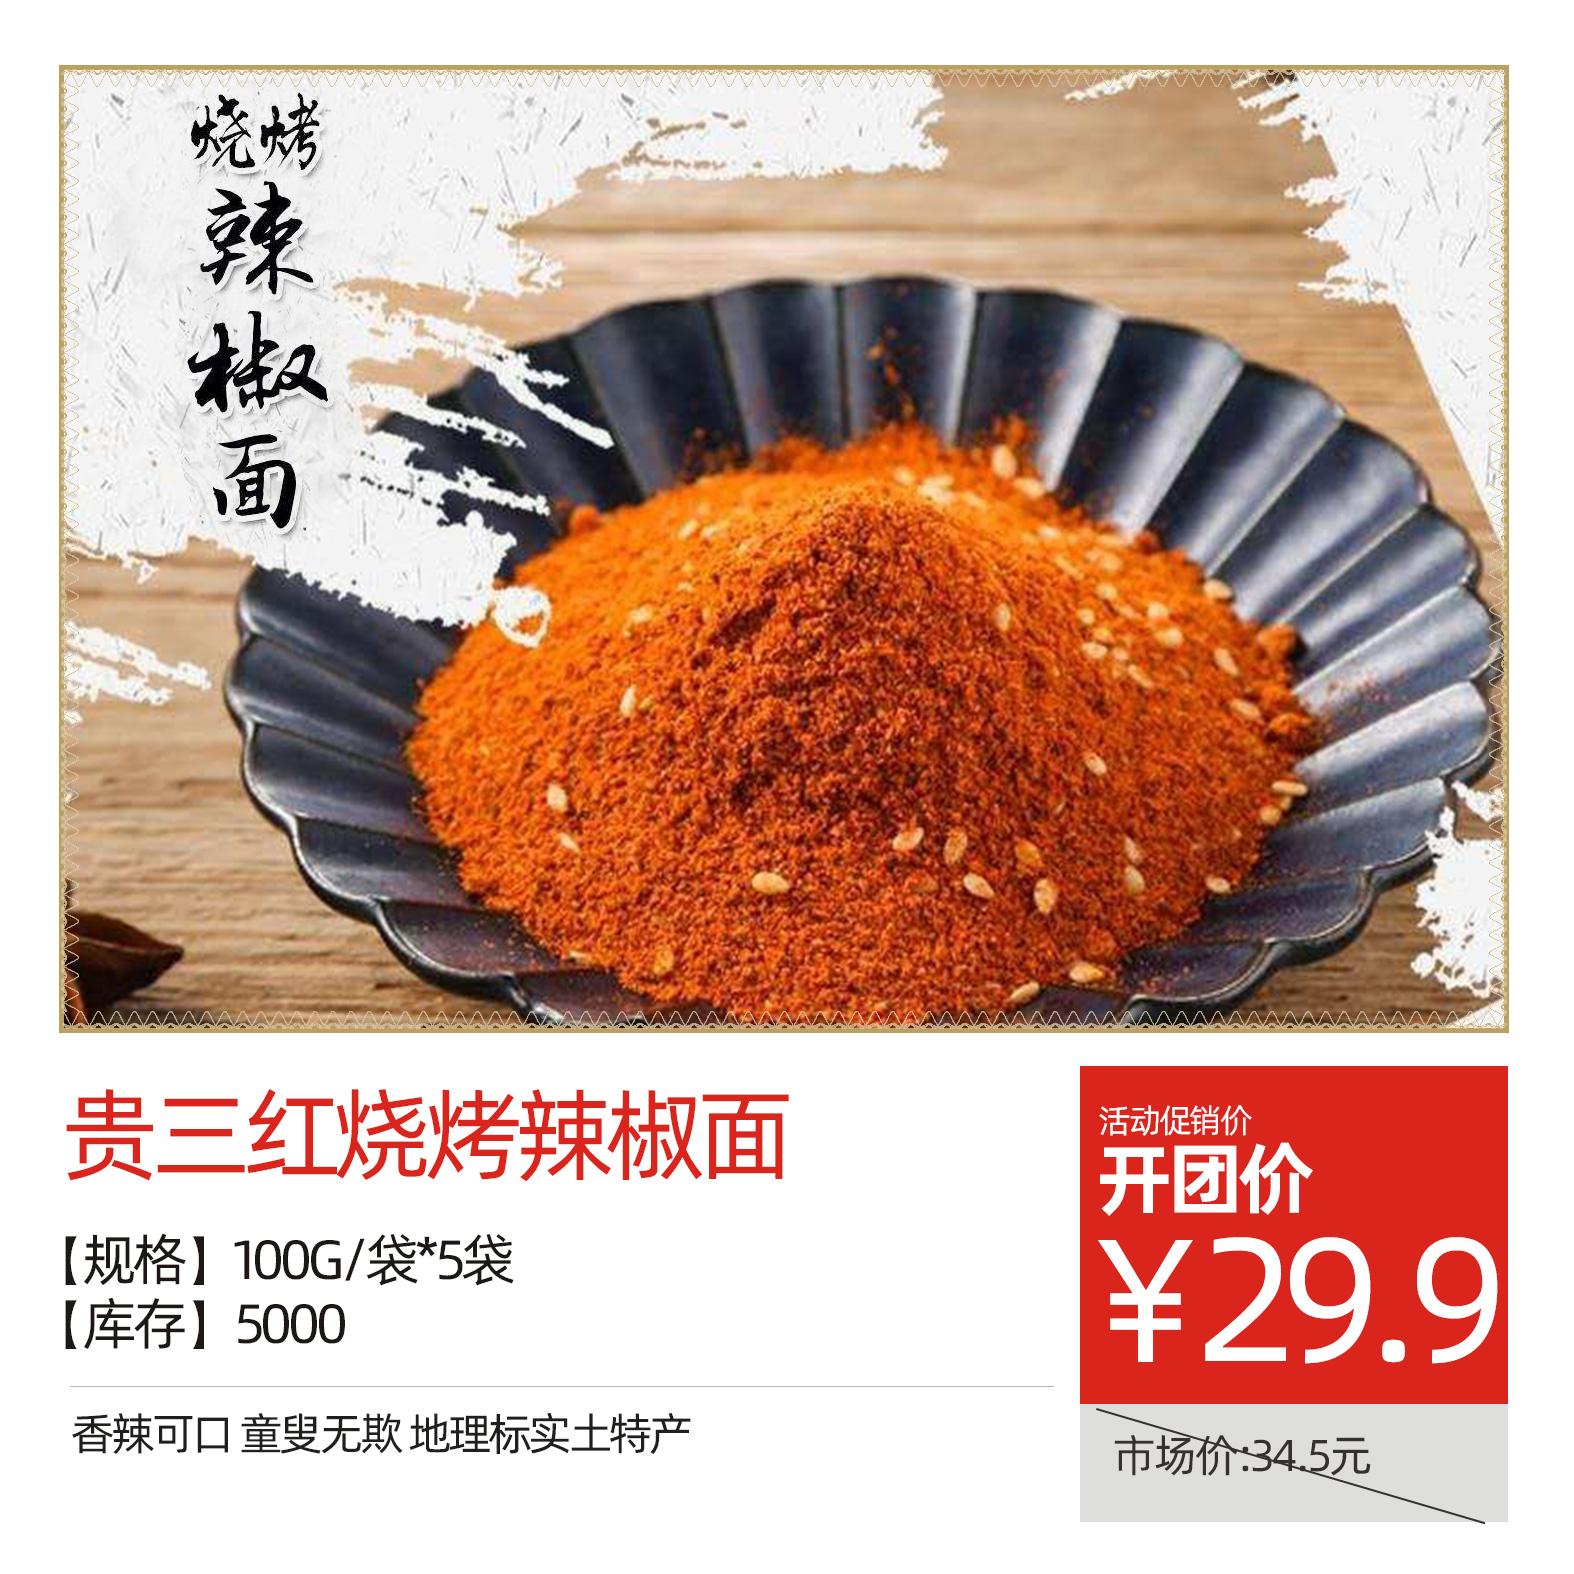 贵三红烧肉辣椒面